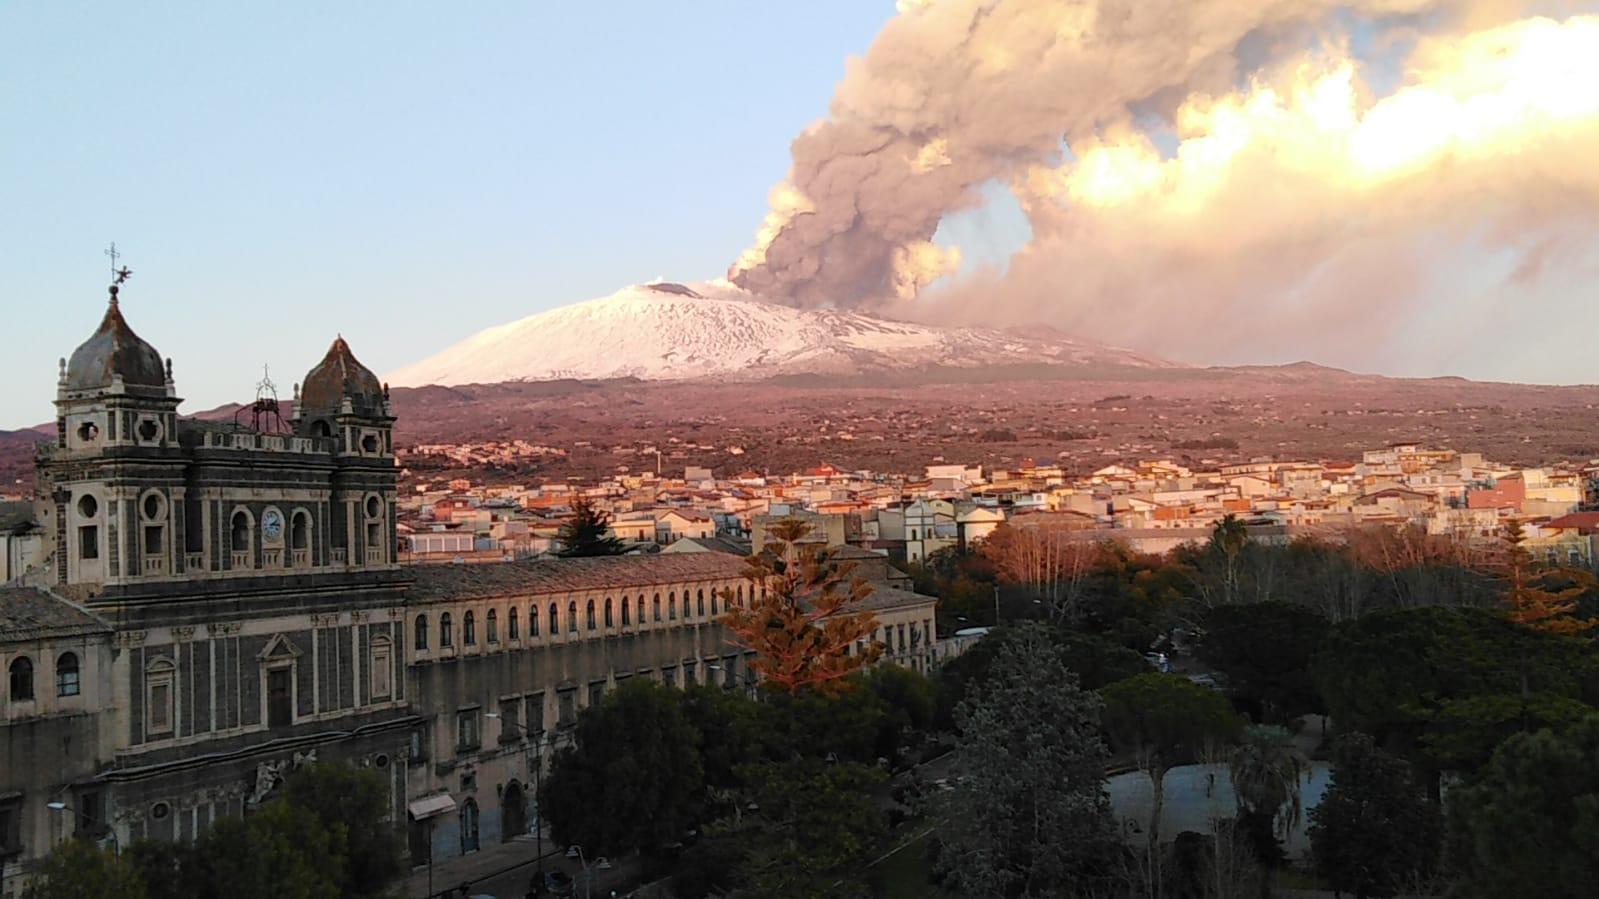 Aggiornamento ERUZIONE ETNA: è cessata  l'attività stromboliana, anche se in nottata si sono registrate sporadiche esplosioni dal Cratere Voragine.